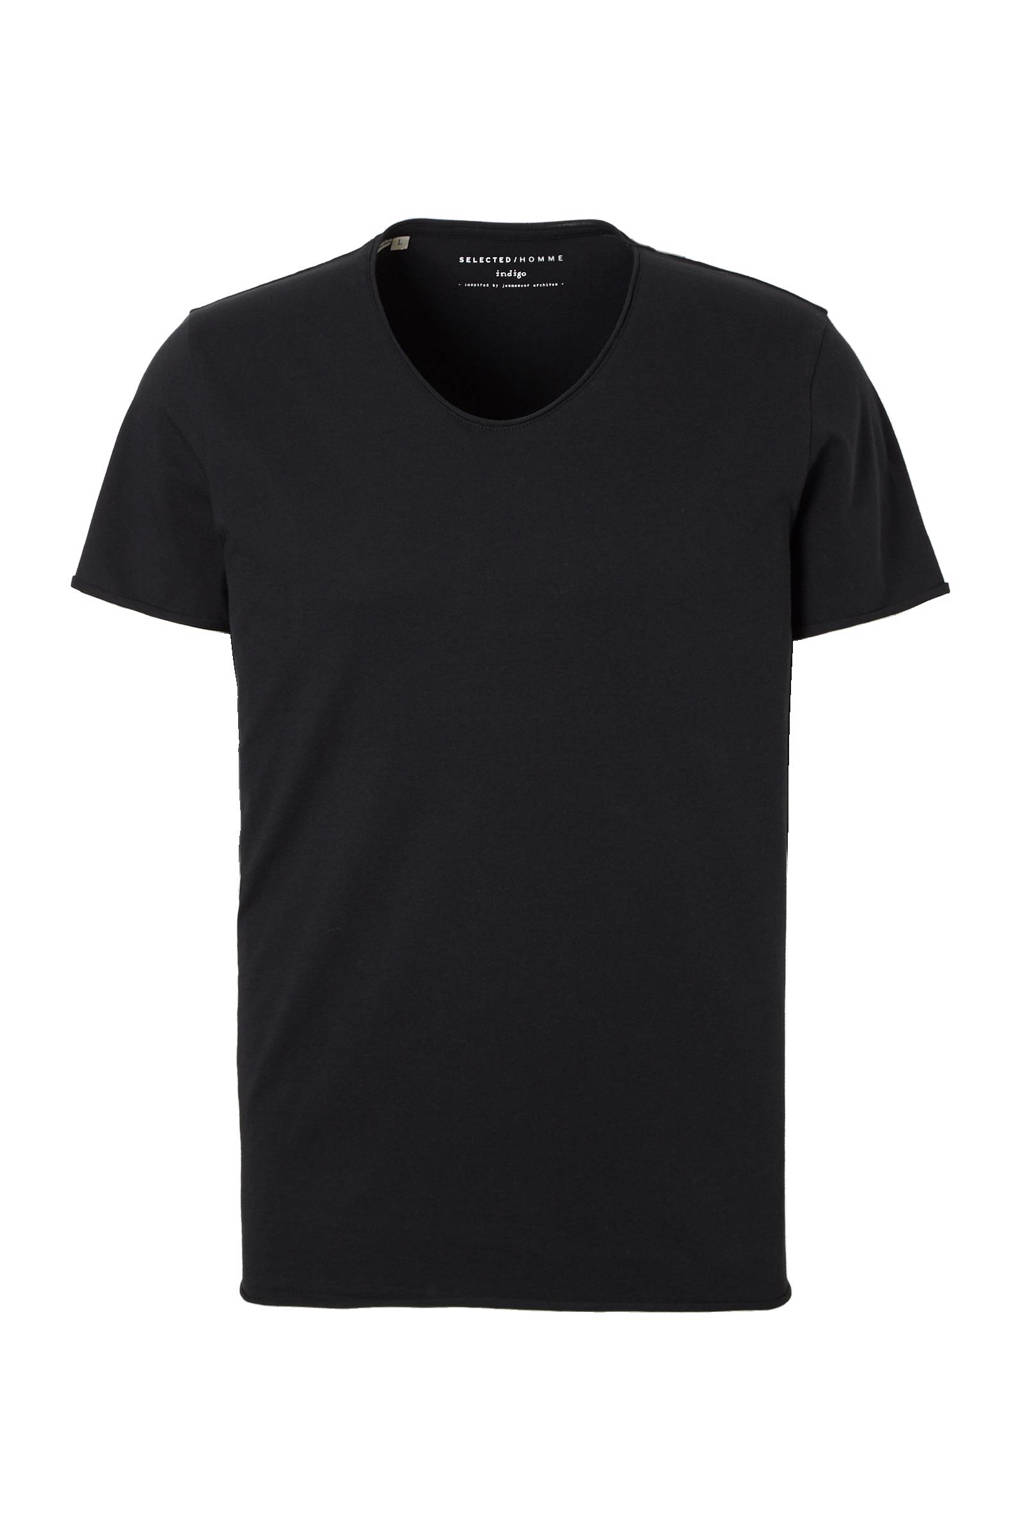 SELECTED HOMME New merce T-shirt, Zwart